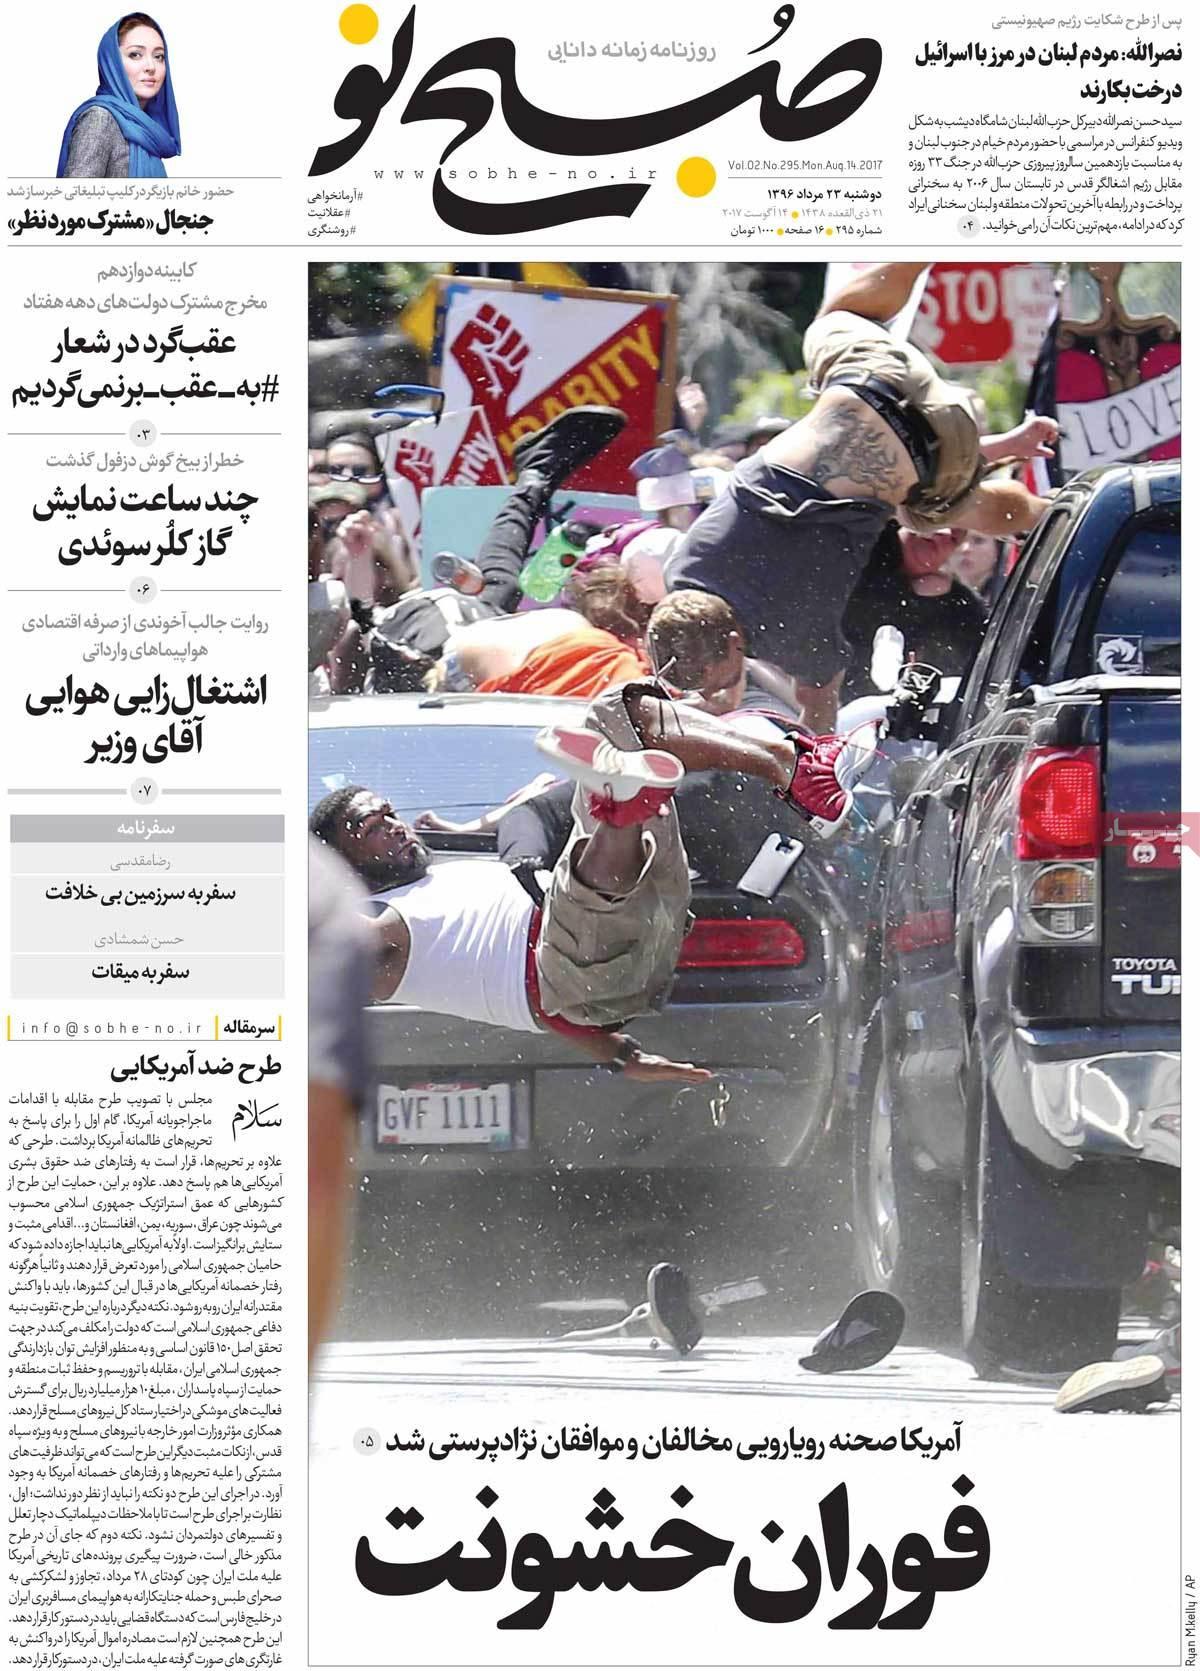 أبرز عناوين صحف ايران ، الاثنين 14 اغسطس/ آب 2017 -صبح نو